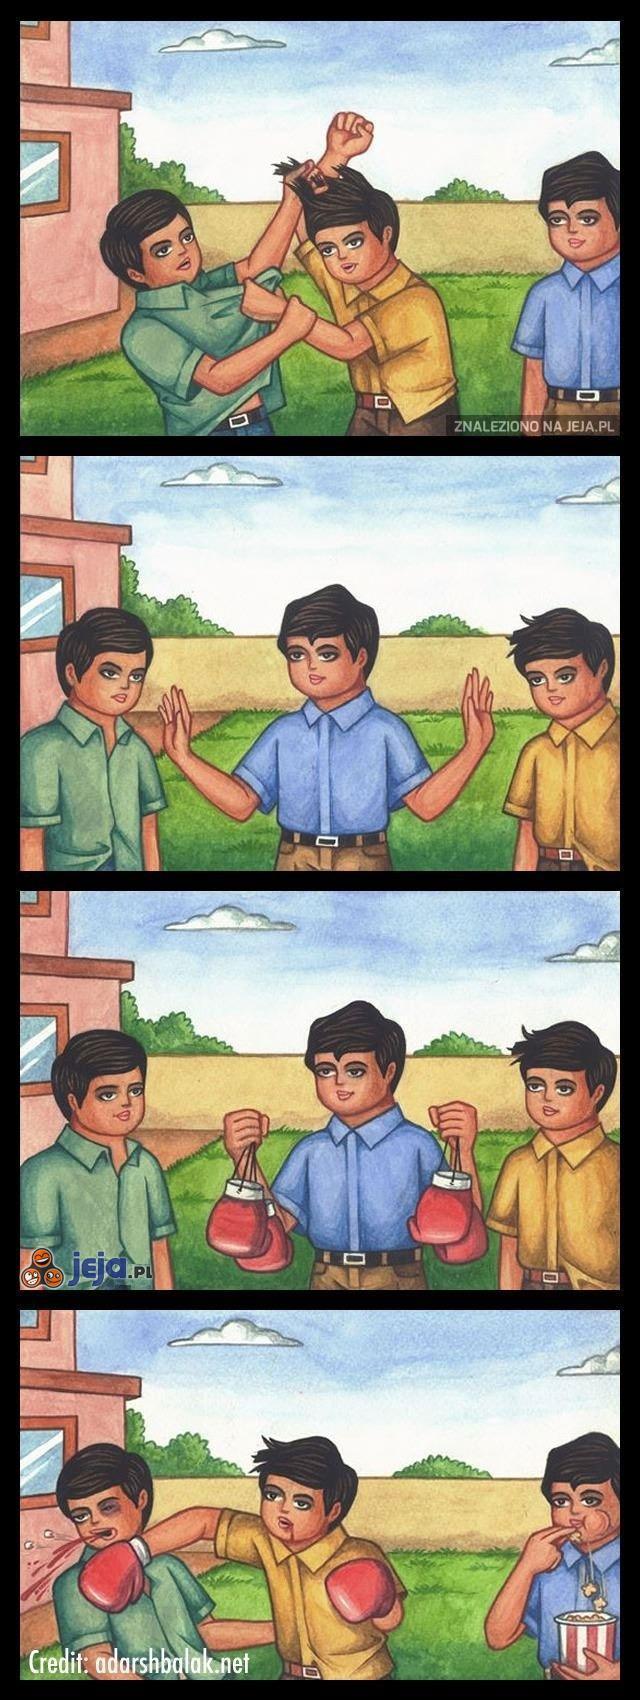 Kiedy kłócą się dwie osoby, których nie lubię